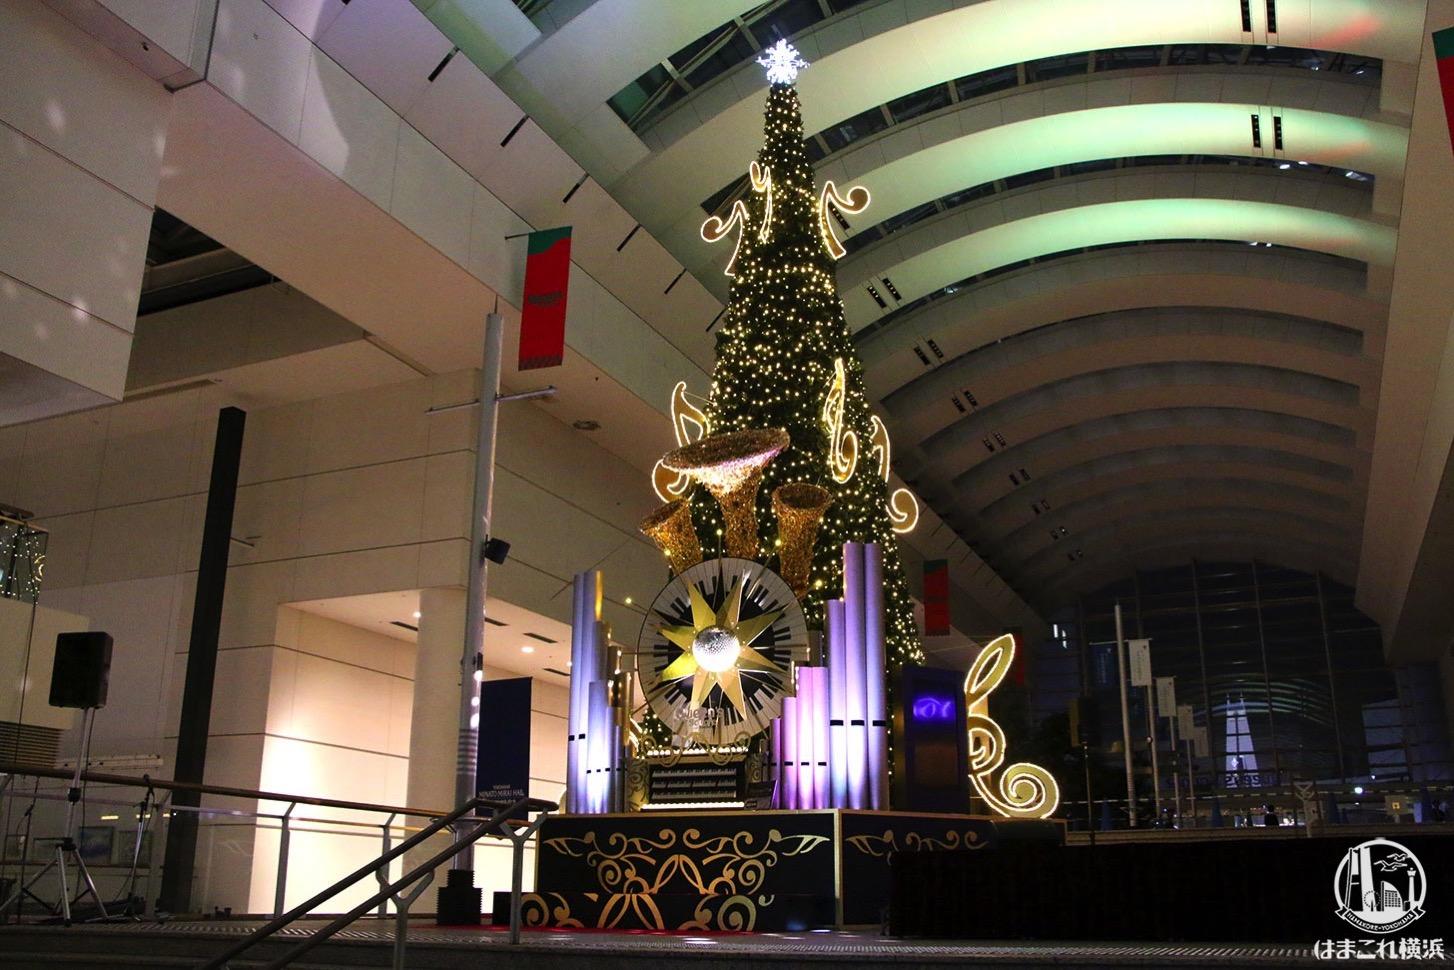 クイーンズスクエア横浜 クリスマスツリー ショータイム